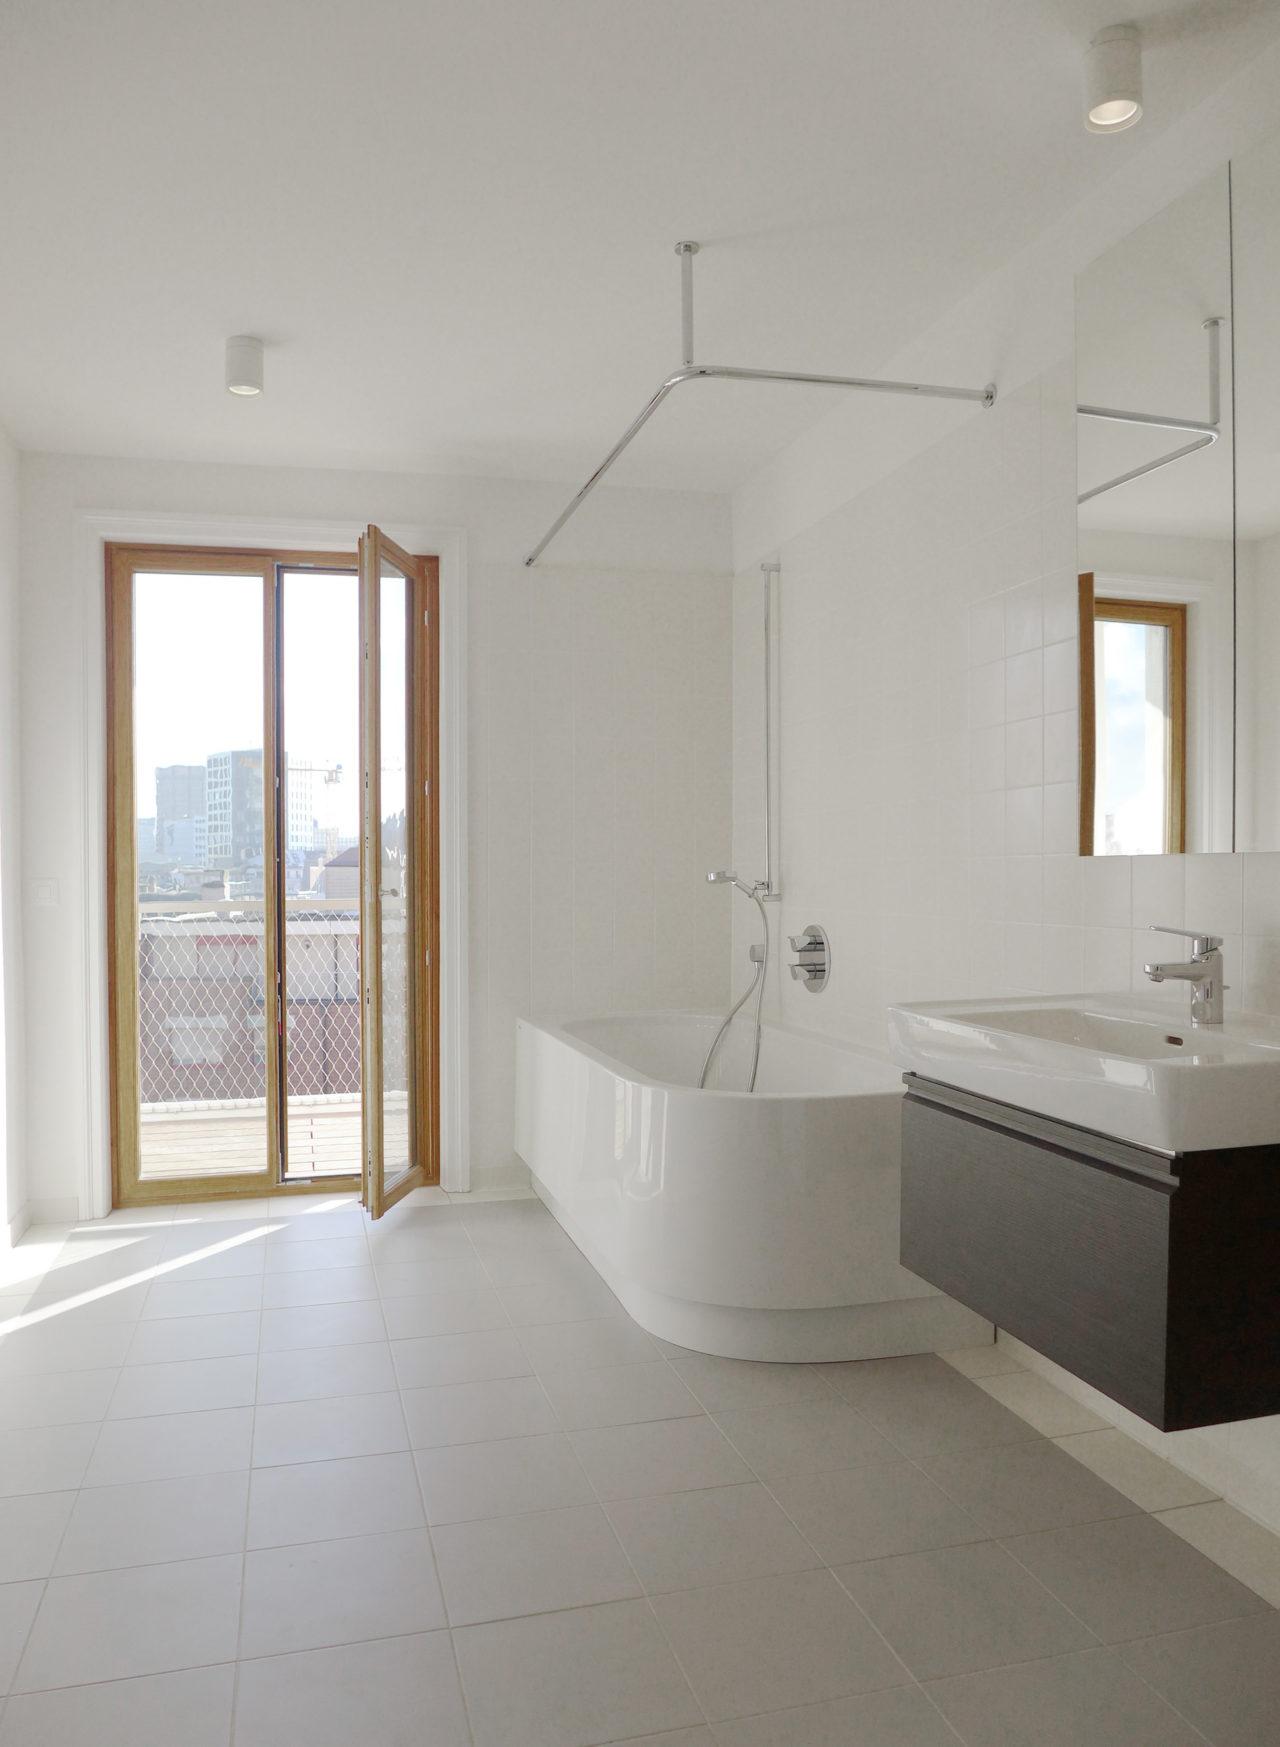 Neues Bad im 2.Obergeschoss nach Umbau und Ausbau (Dachausbau)von Architekturbüro Forsberg in Basel